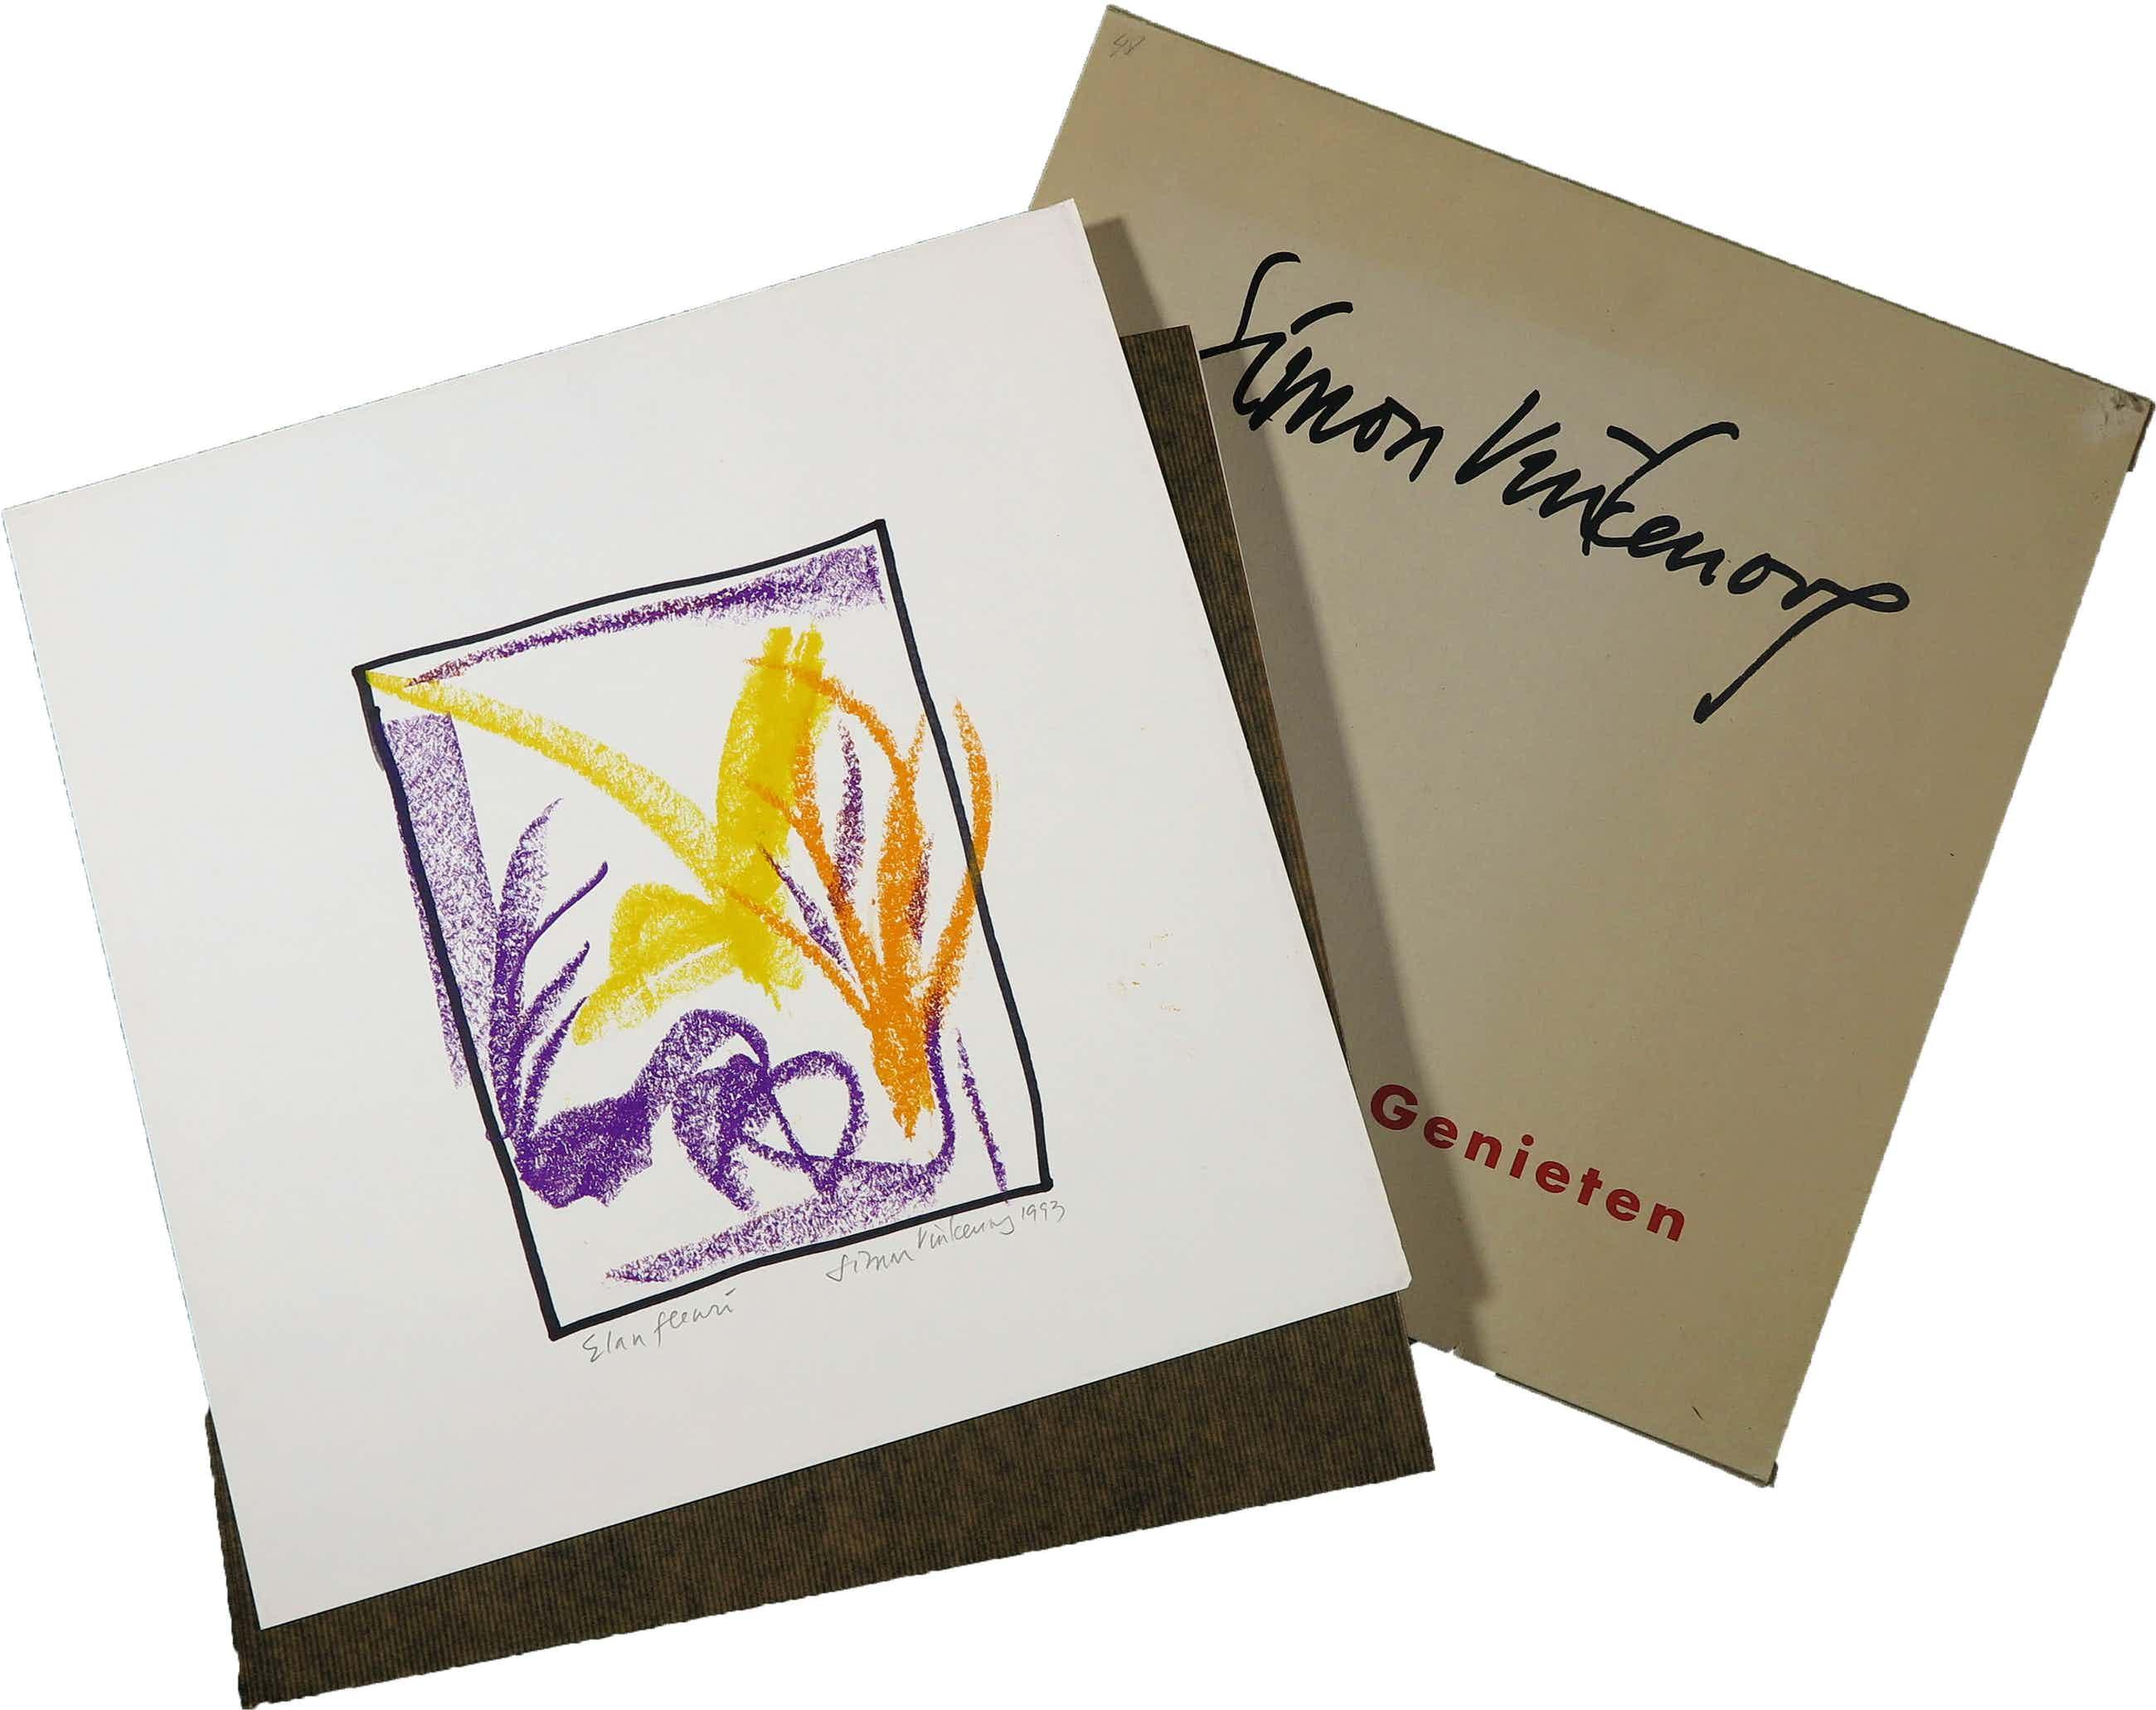 Simon Vinkenoog - Vetkrijt op papier, Elan fleuri + tentoonstellingscatalogus 'Louter Genieten' kopen? Bied vanaf 50!